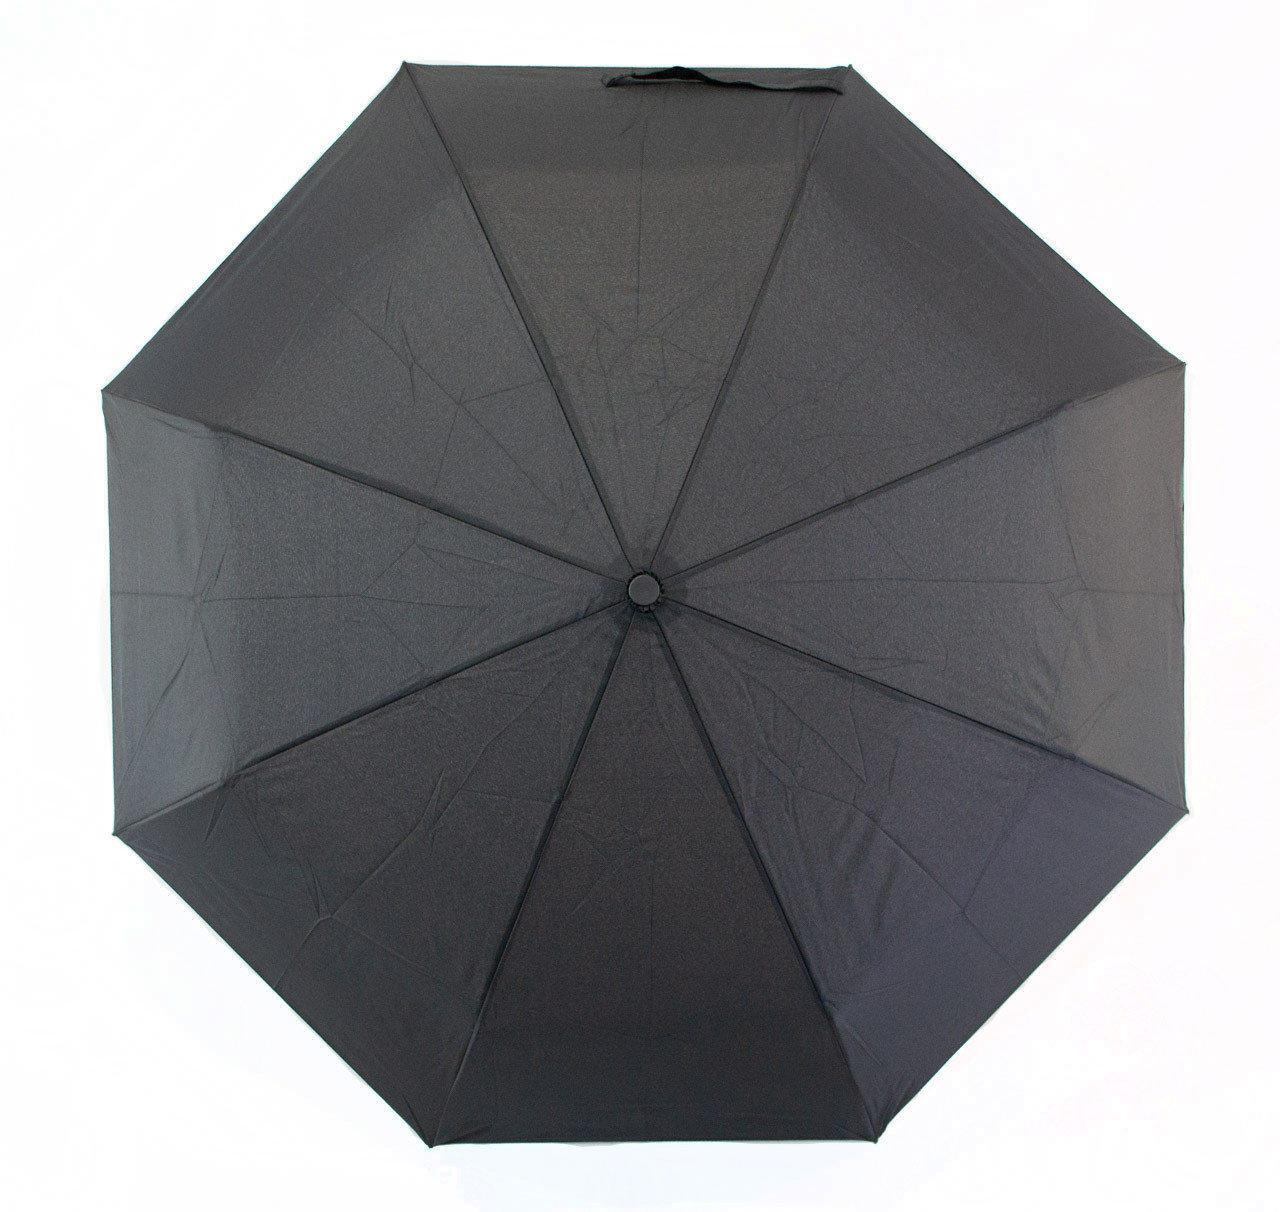 Зонт мужской полуавтомат с куполом 100 см Susino черный, 8 спиц (3533)